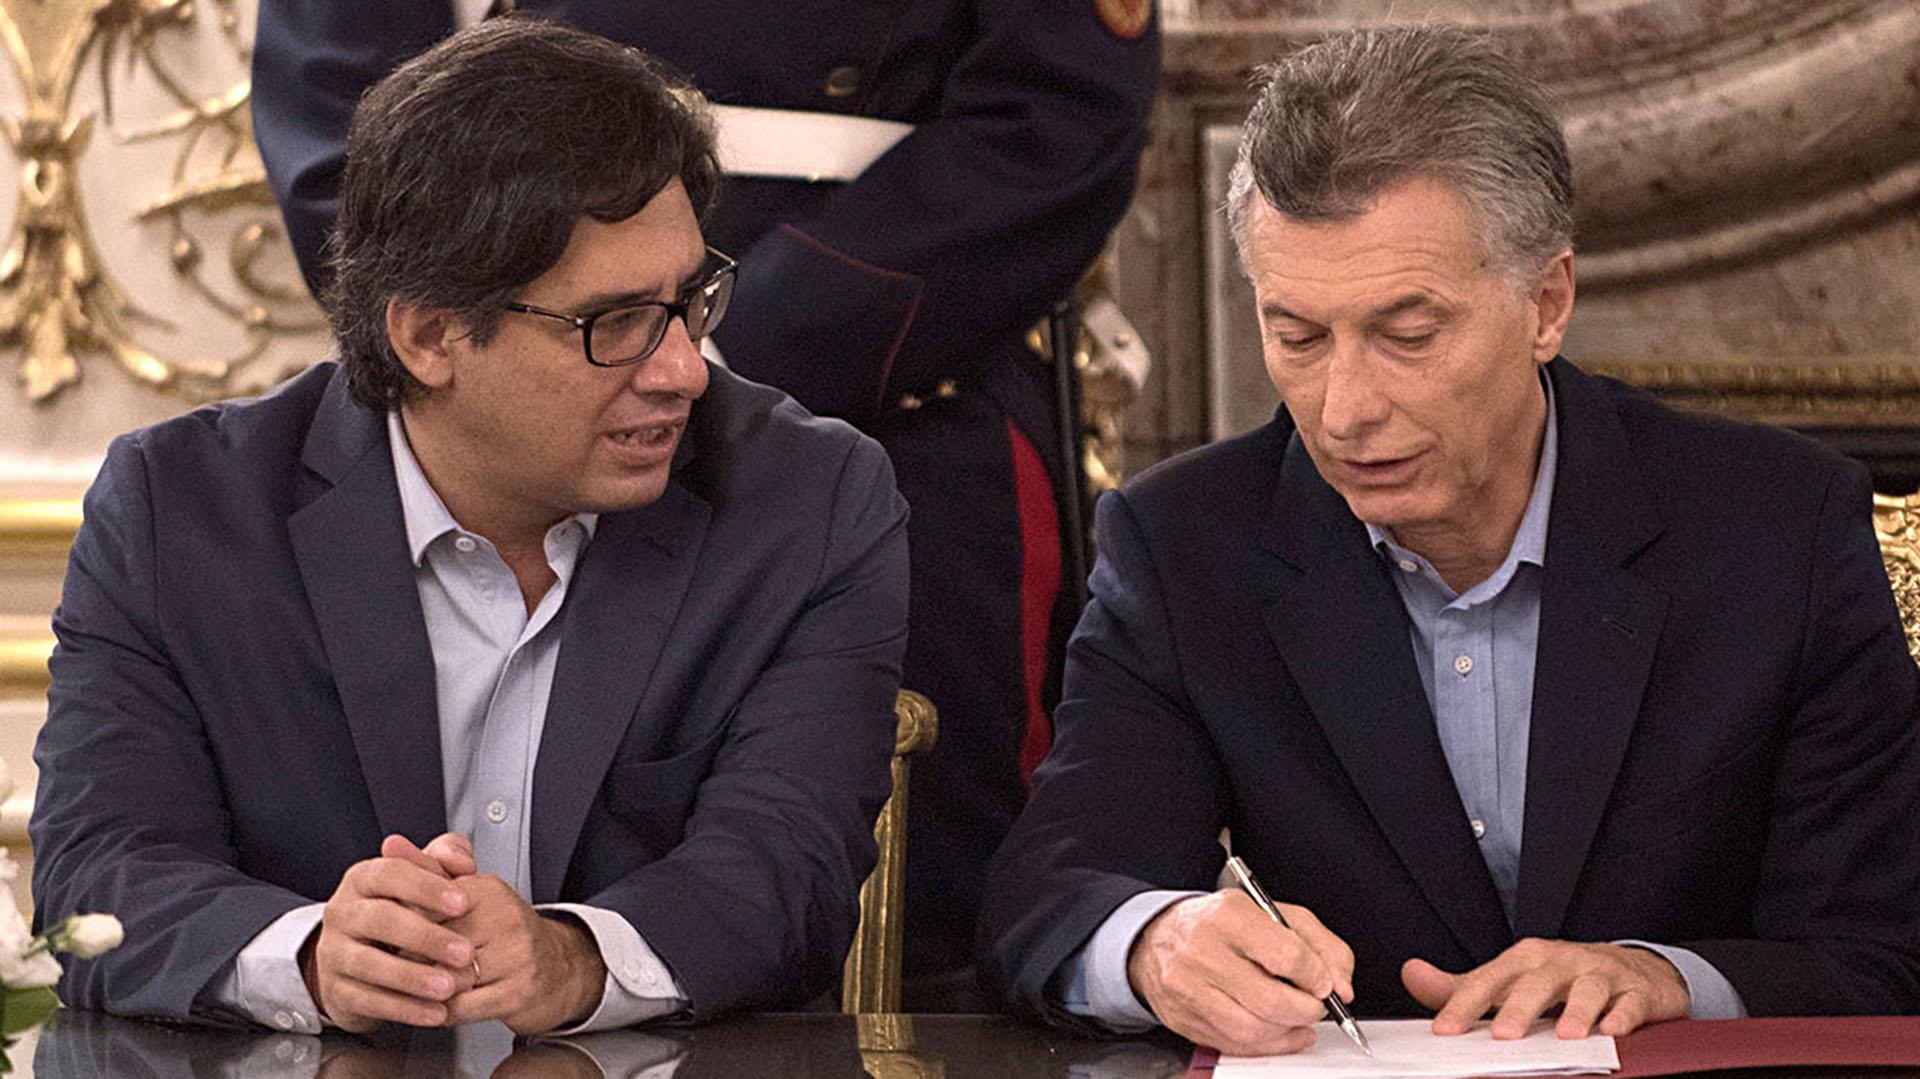 El presidente Mauricio Macri y el ministro de Justicia Germán Garavano